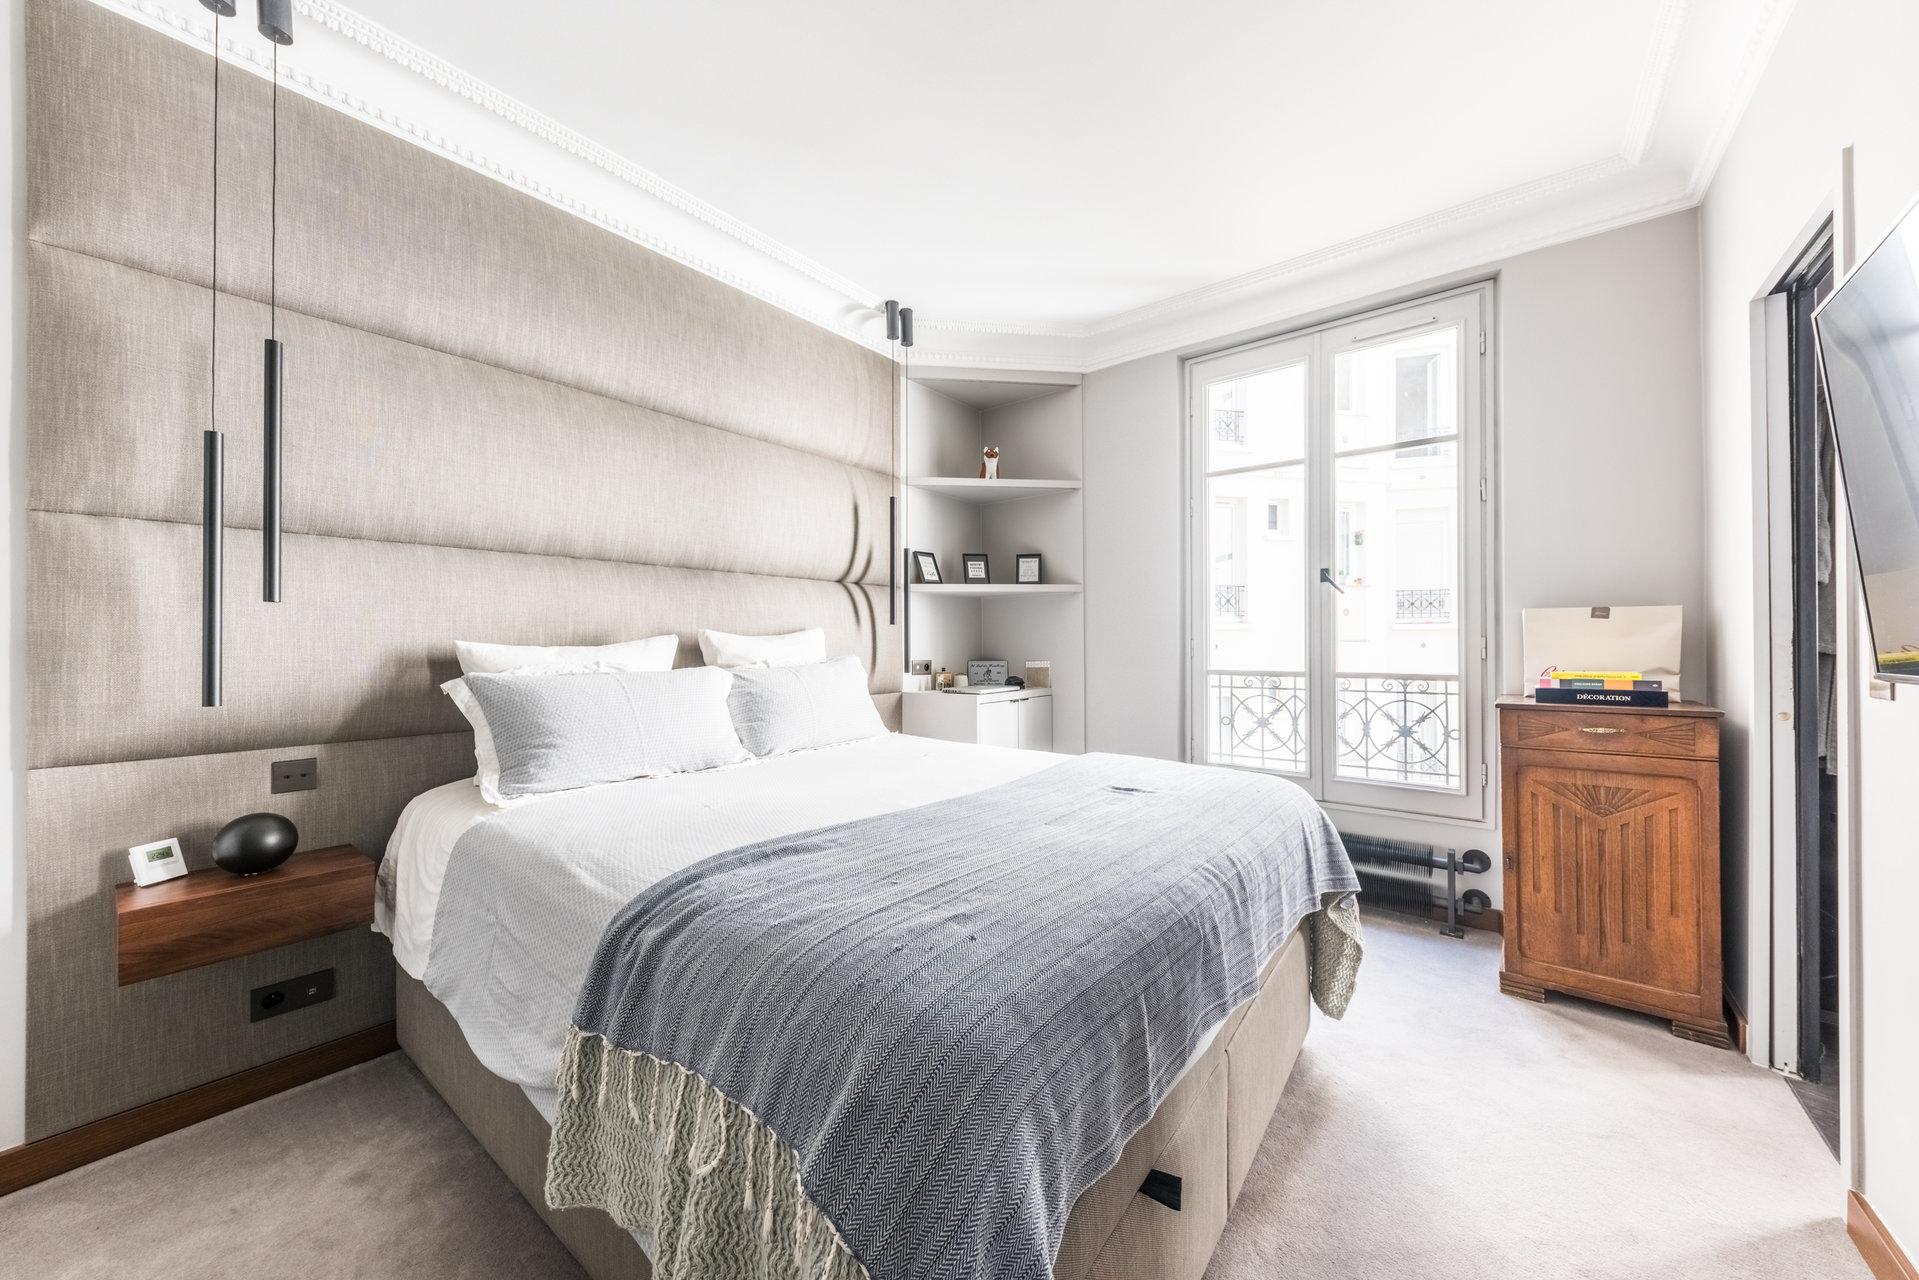 Paris - XVIII ème - MONTMARTRE - M° Lamarck-Caulaincourt - 3 Pièces - TRAVERSANT - BALCON - SOLEIL - CALME